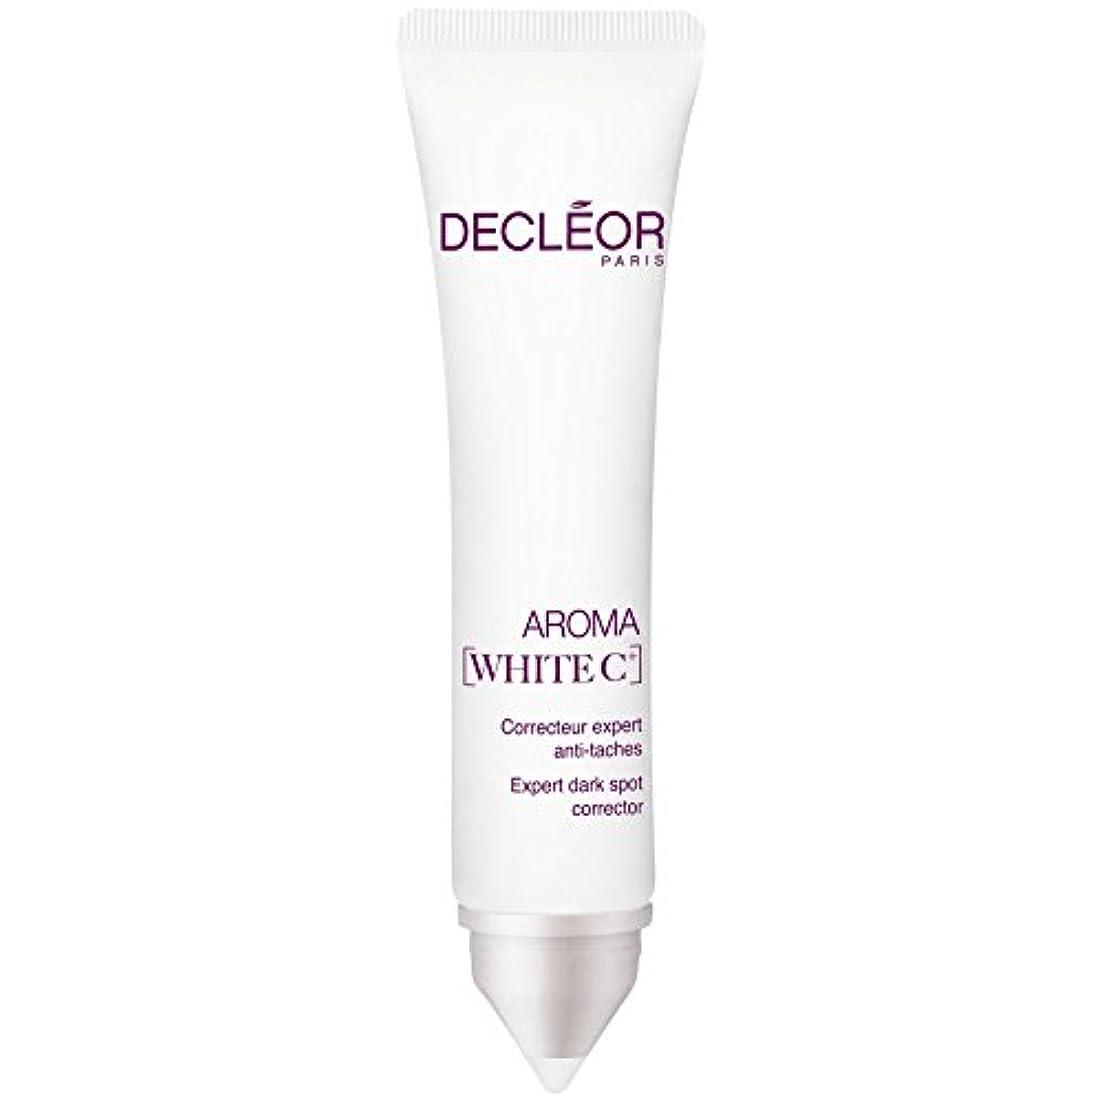 ごちそう故障仕方[Decl?or] デクレオールアロマホワイトC +専門ダークスポット補正15ミリリットル - Decl?or Aroma White C+Expert Dark Spot Corrector 15ml [並行輸入品]